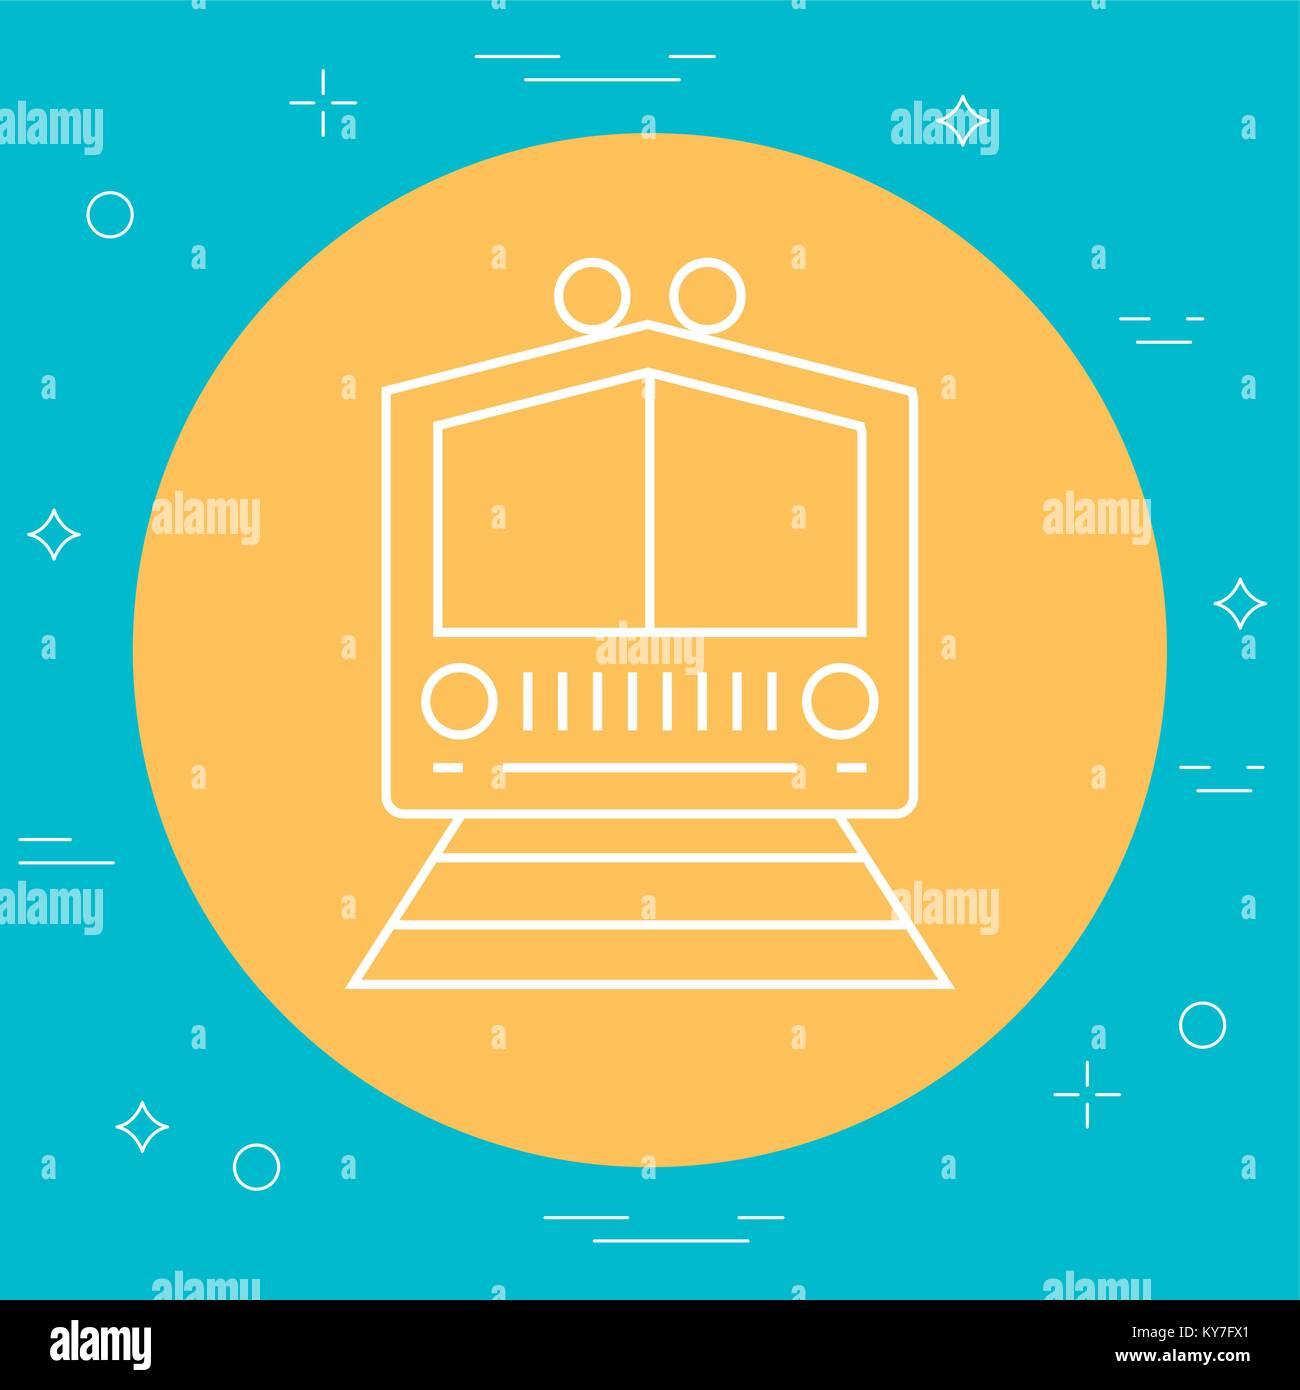 train icon image - Stock Vector